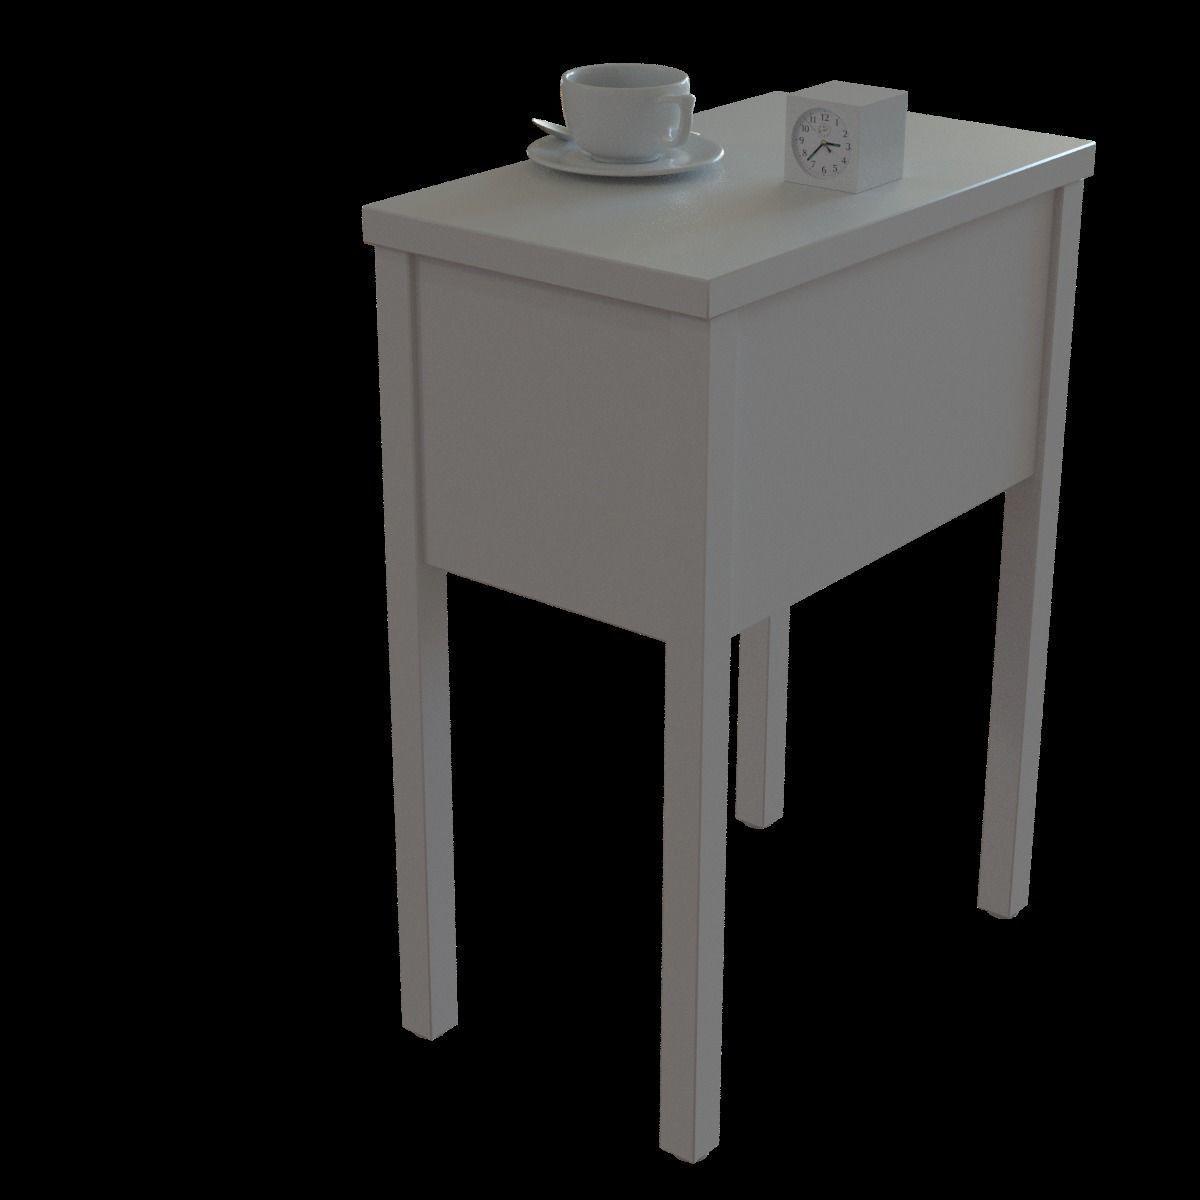 Ikea Nordli Bedside Table 3d Model Cgtrader